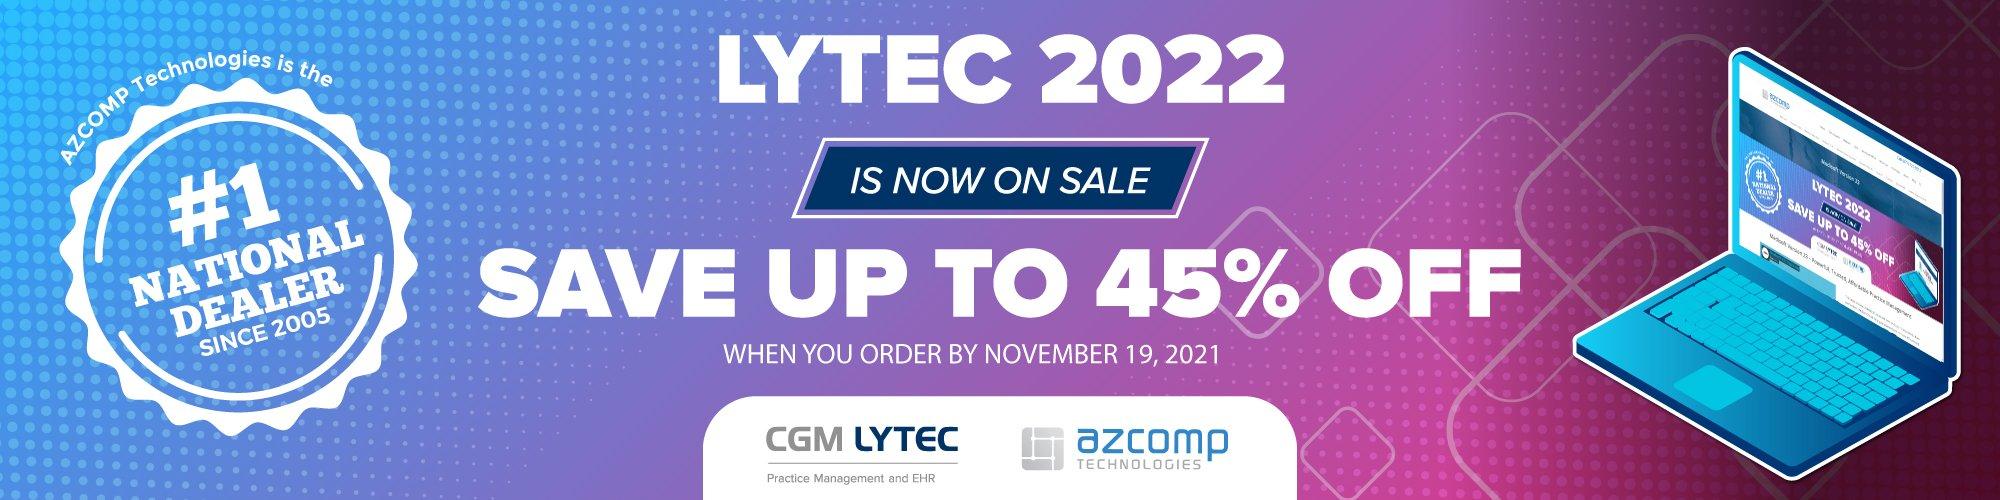 Lytec 2022 sale